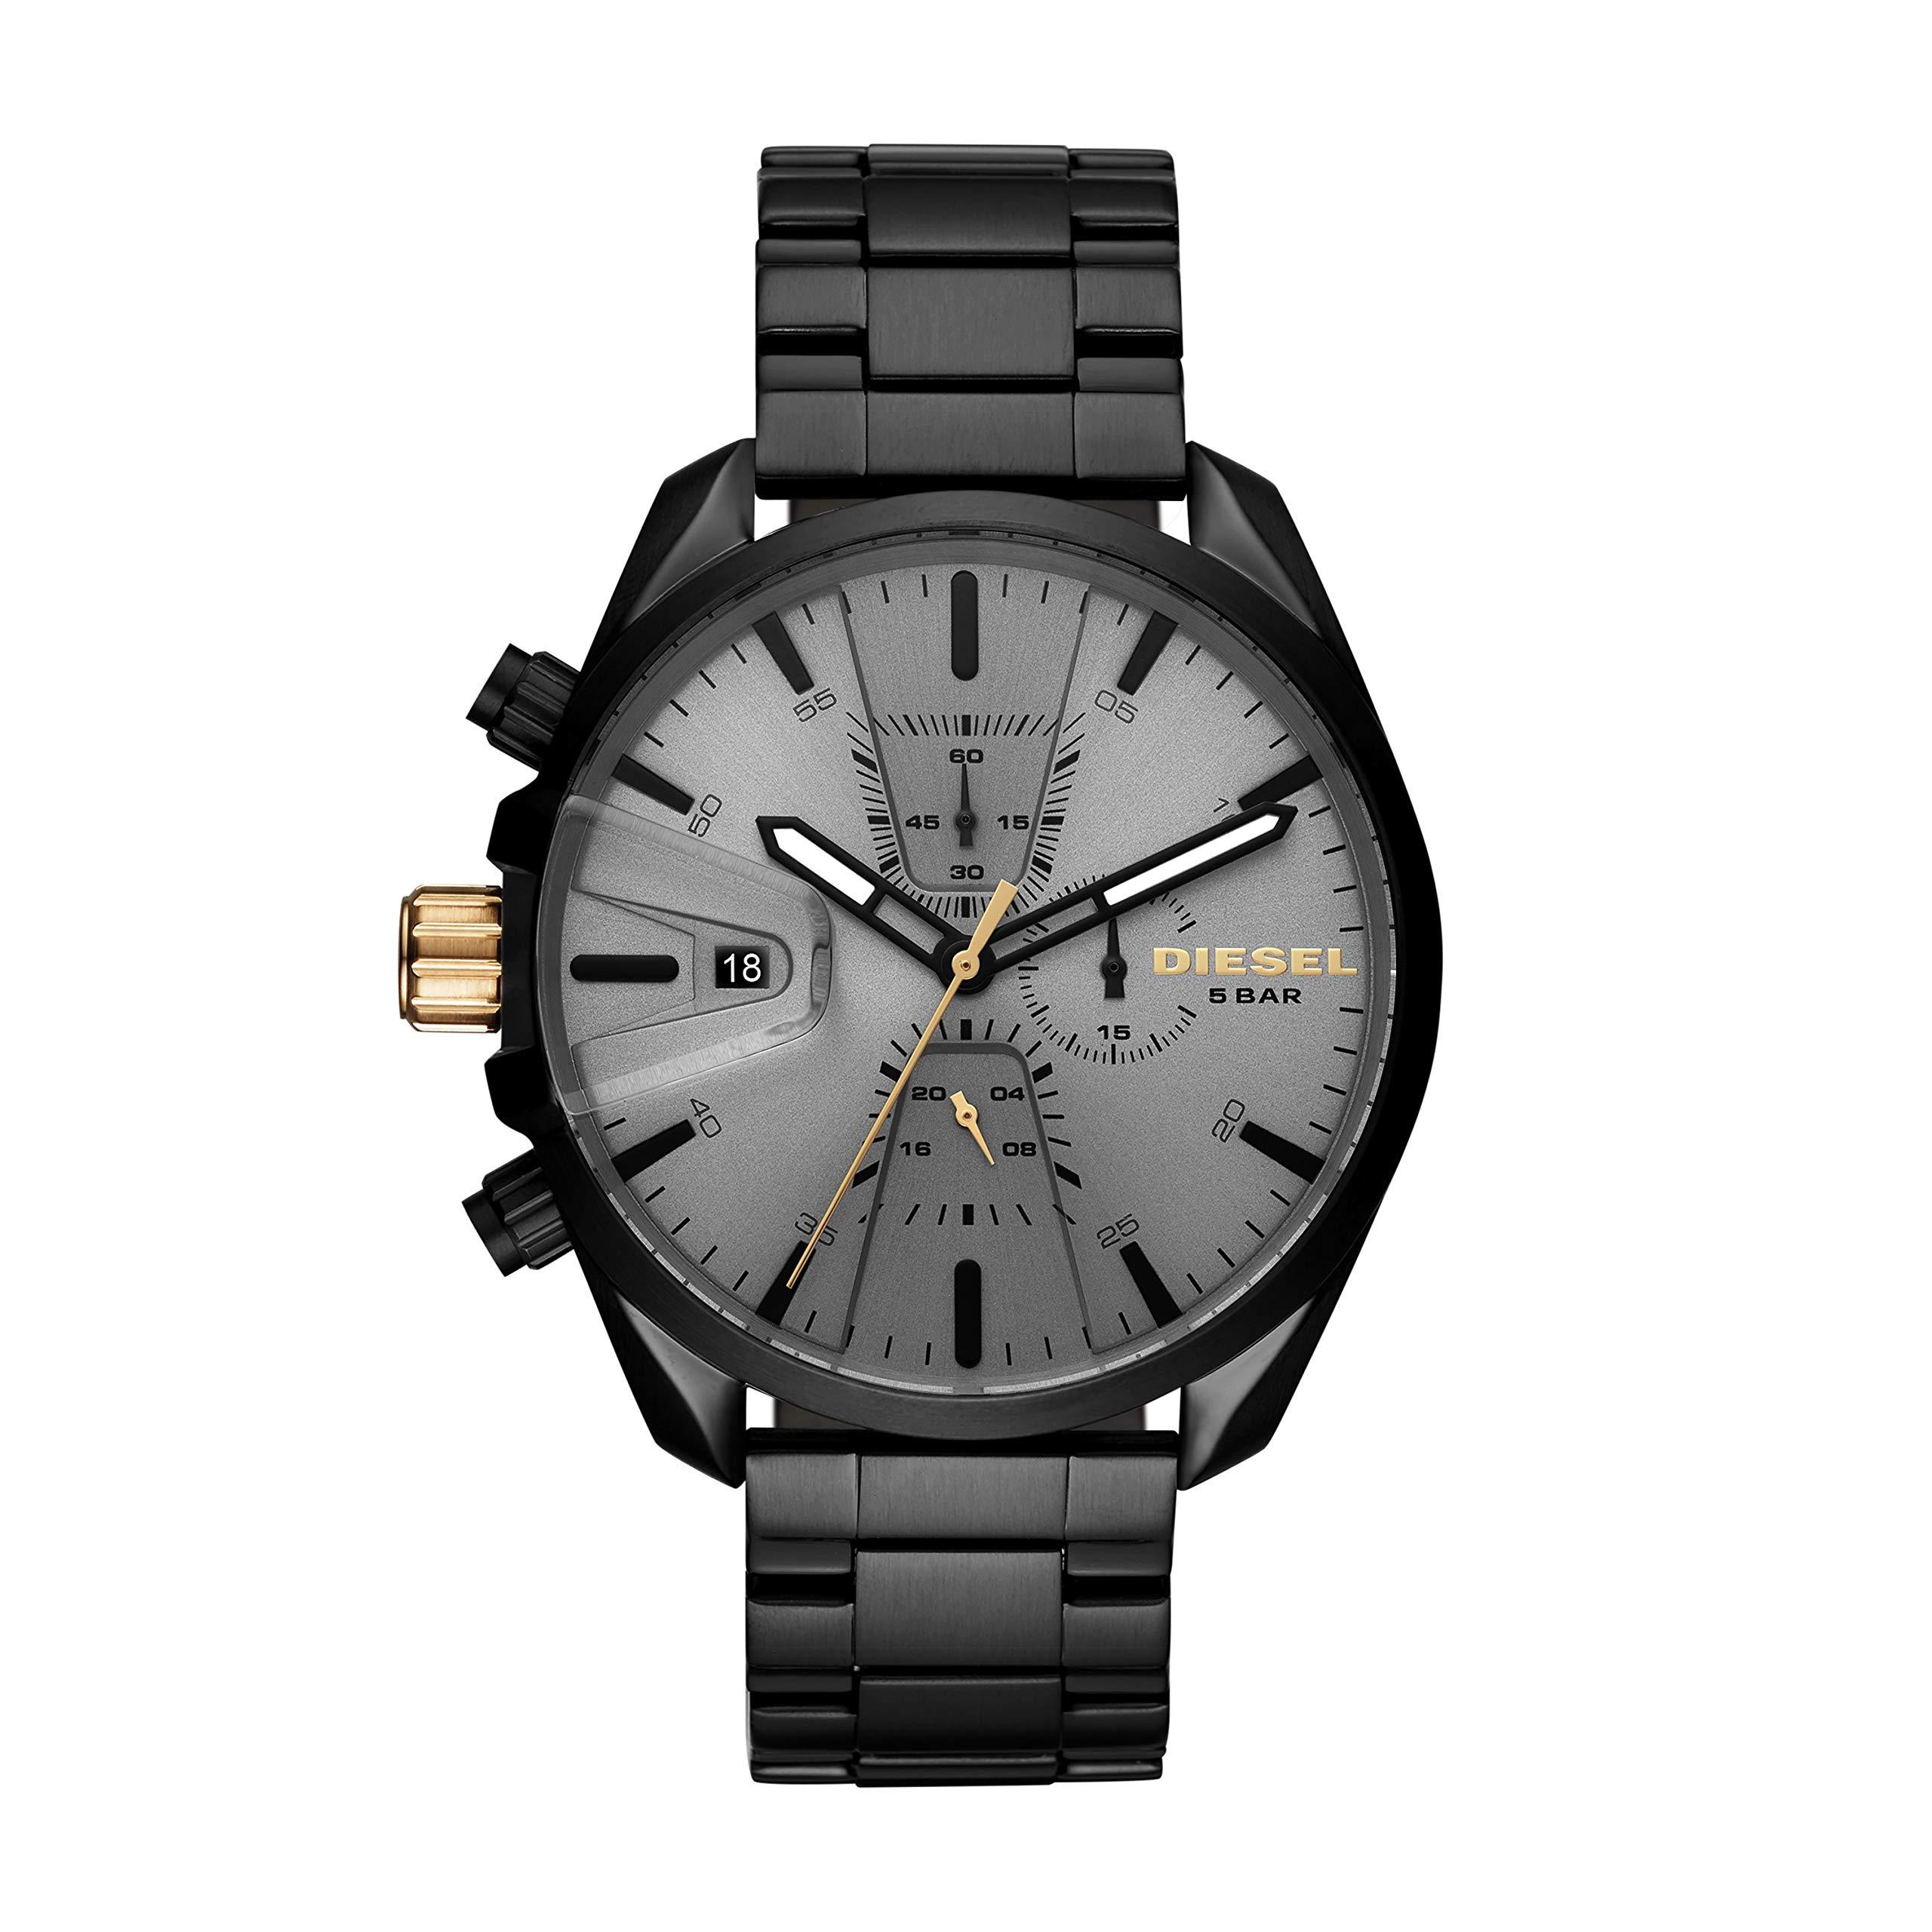 Diesel Men's Ms9 Chrono Quartz Watch with Stainless-Steel Strap, Black, 10 (Model: DZ4474)